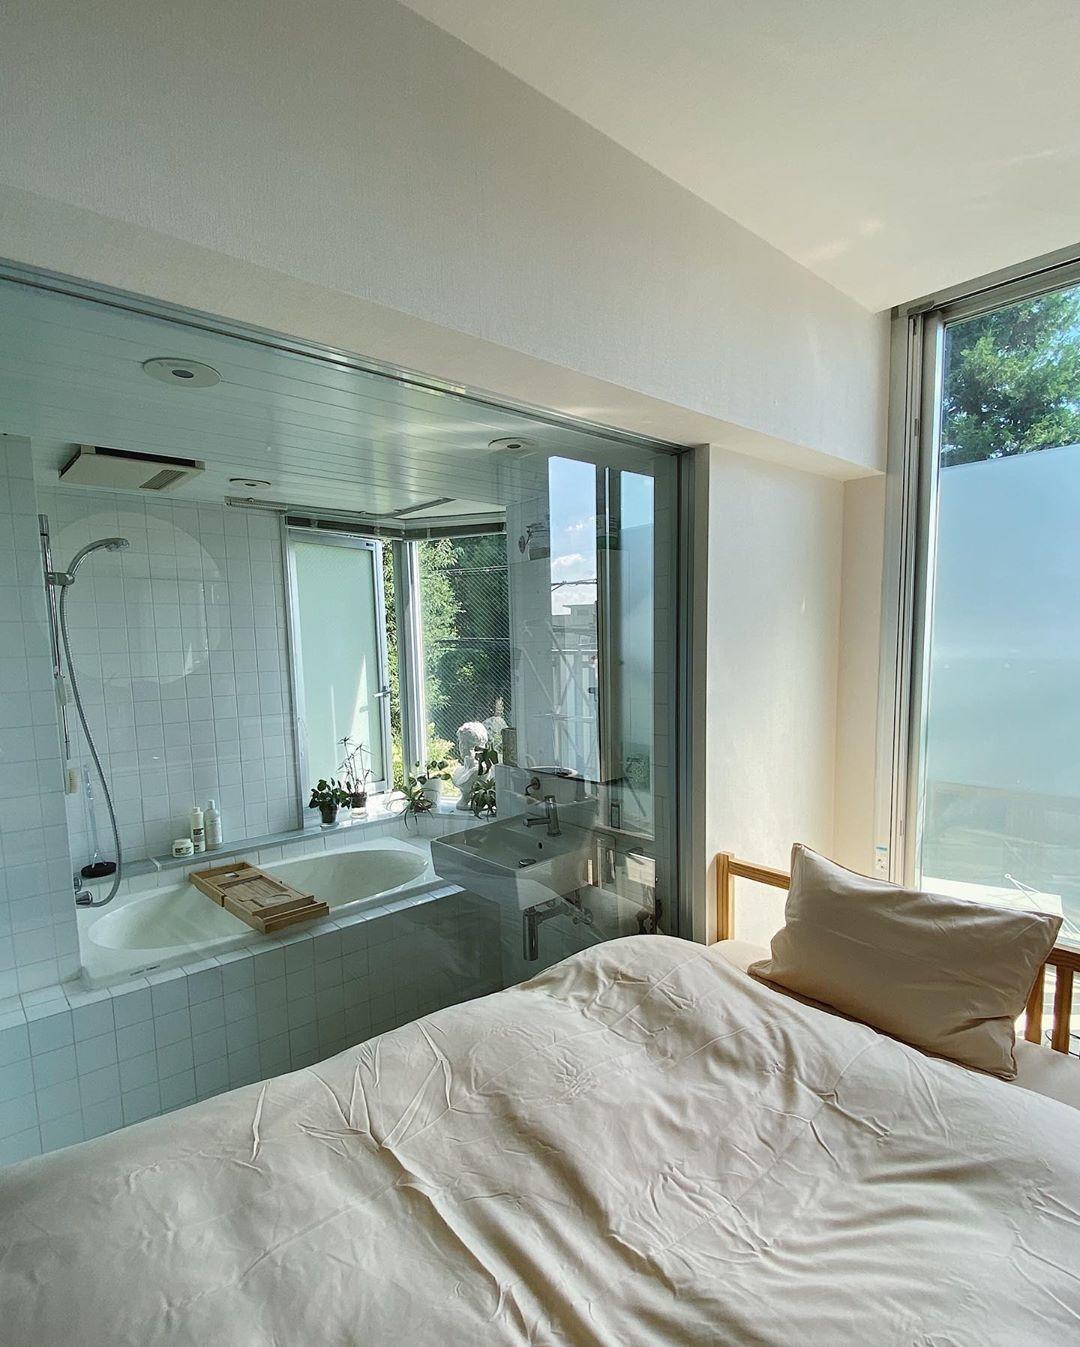 ♡:広々としたお風呂があるお部屋